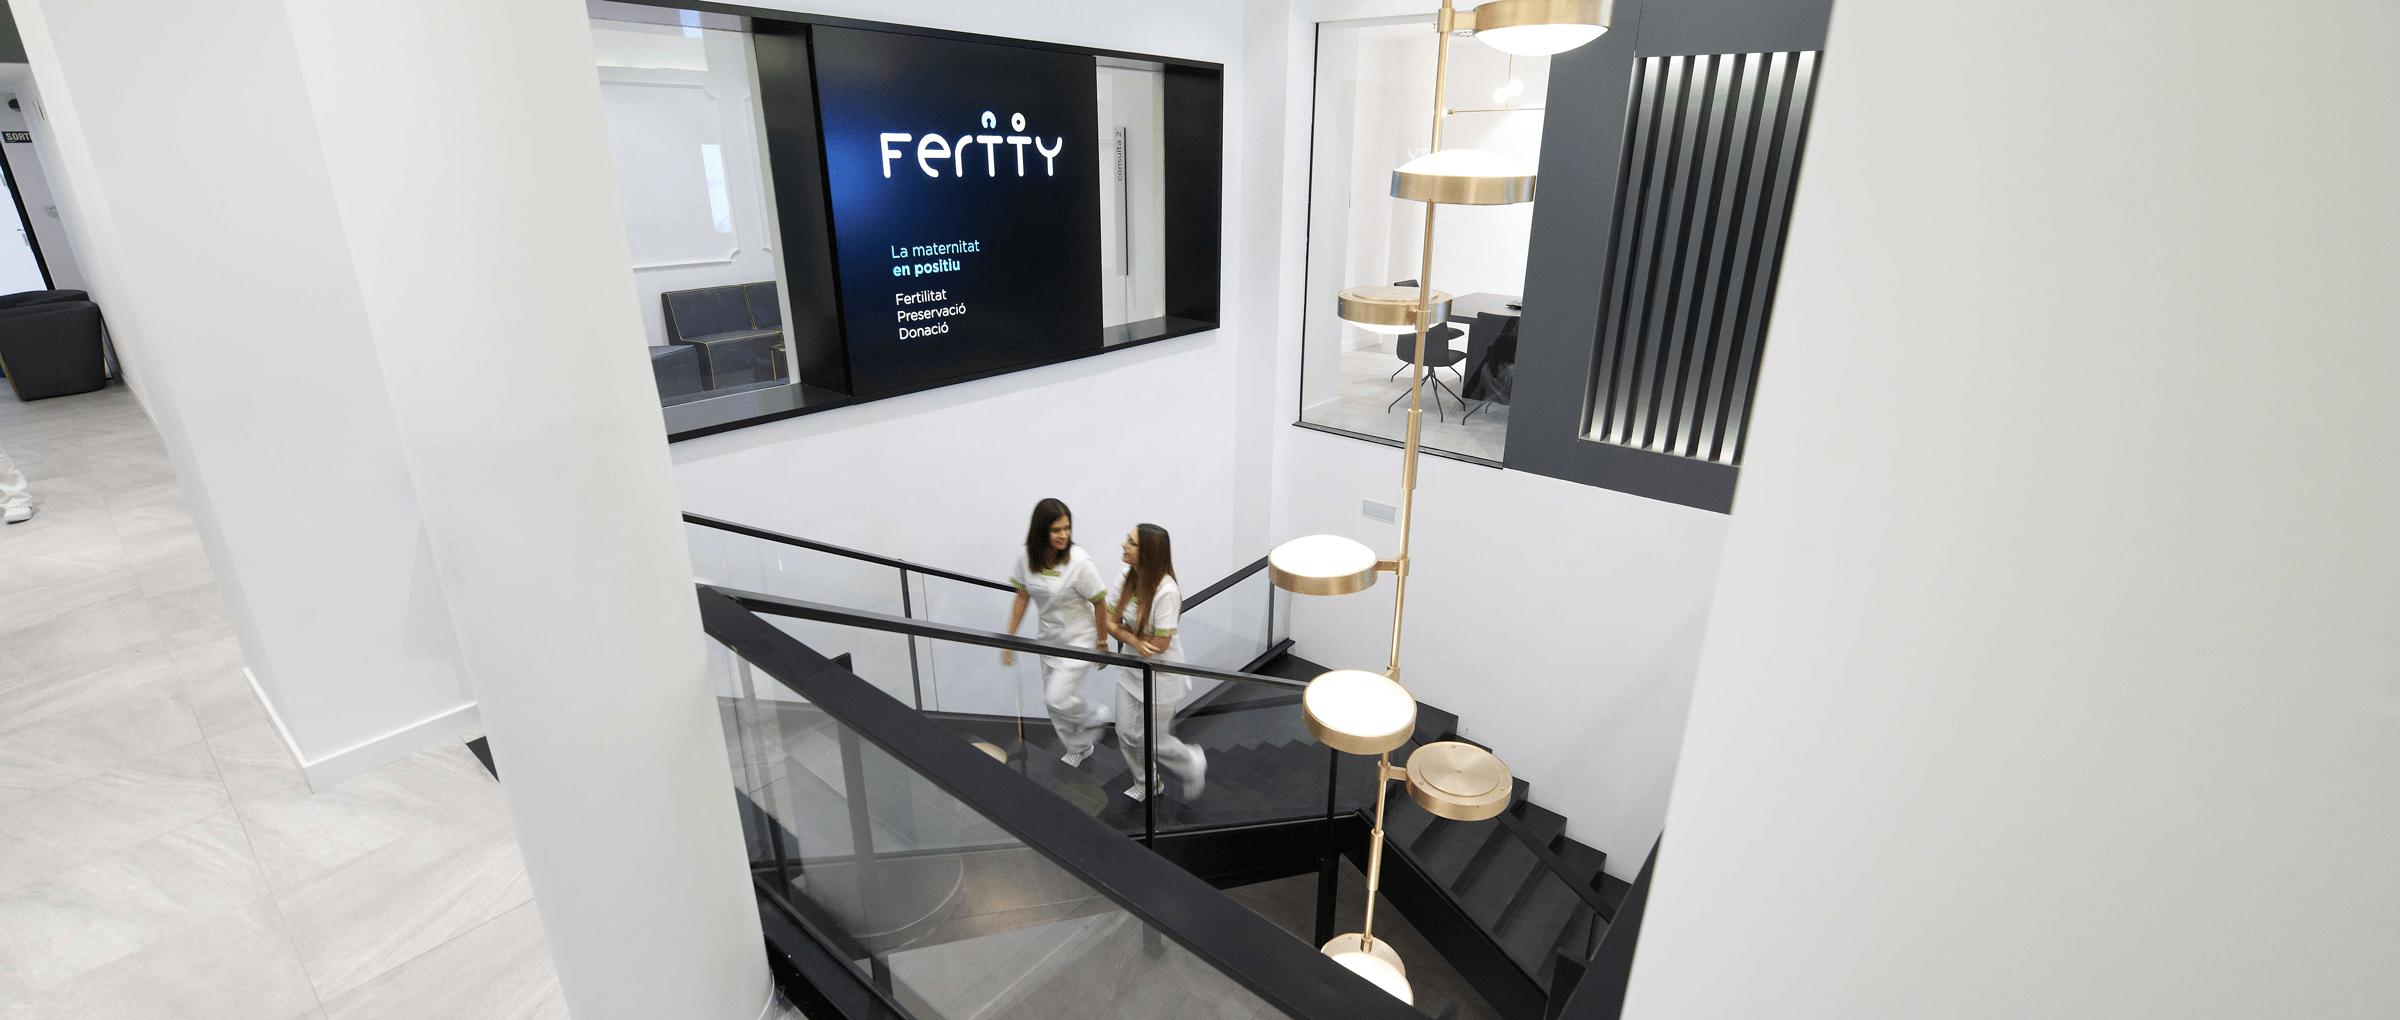 Installations de la clinique de fertilité Fertty à Barcelone